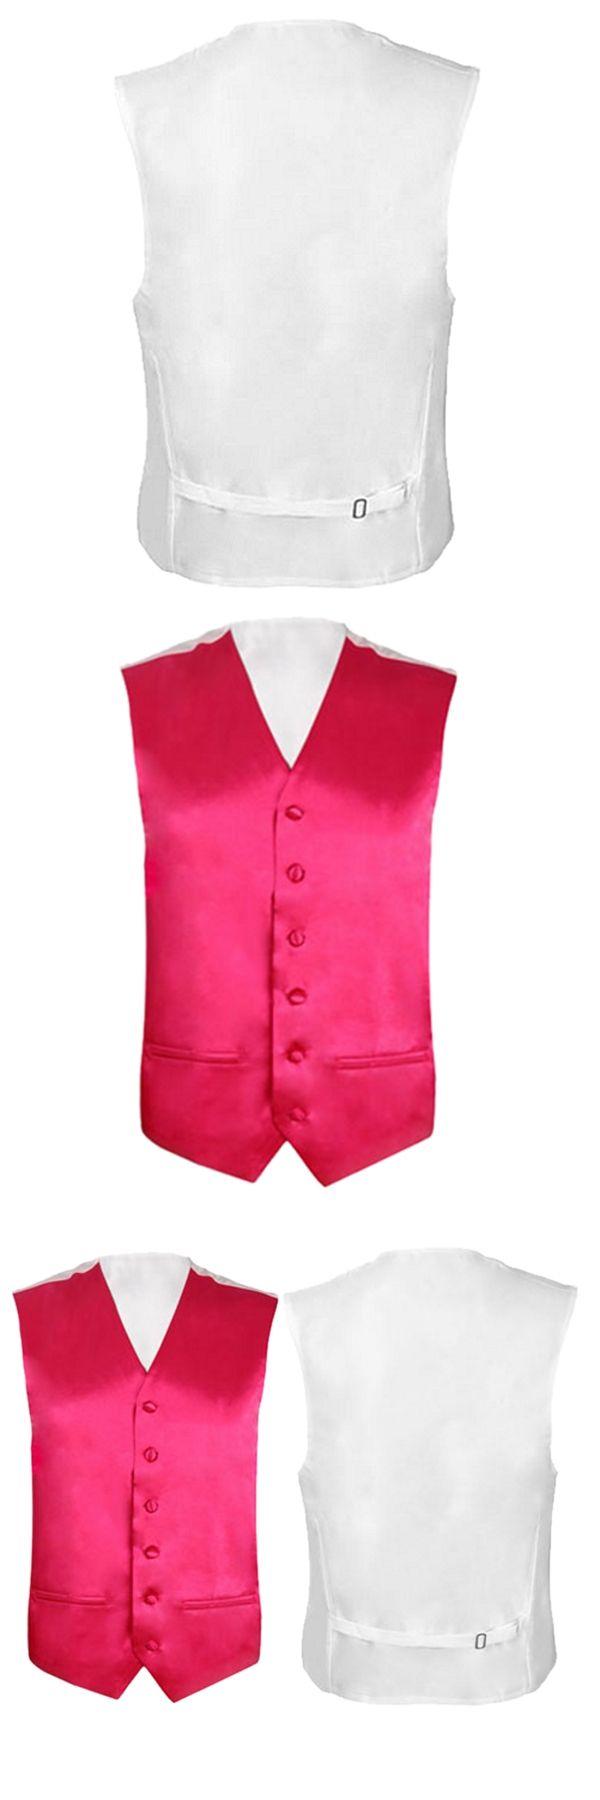 Mens Wedding Waistcoat Groom (Rose red M/UK 38)